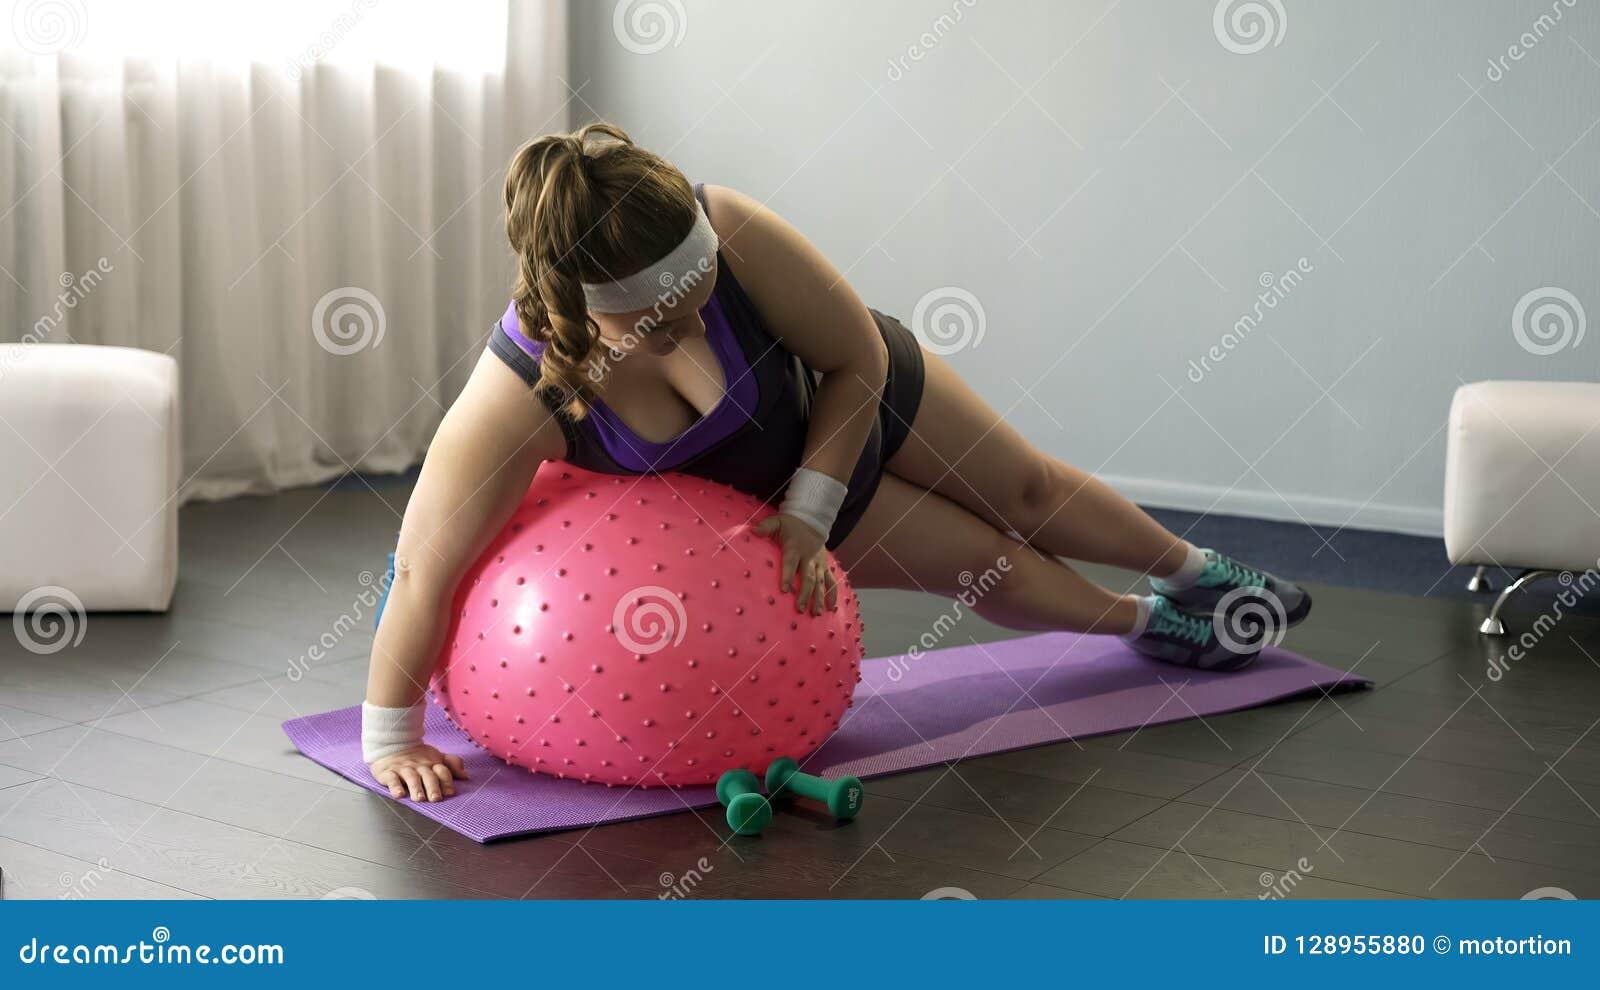 Den överviktiga damen som försöker att göra övningar på kondition, klumpa ihop sig och att göra roliga försök